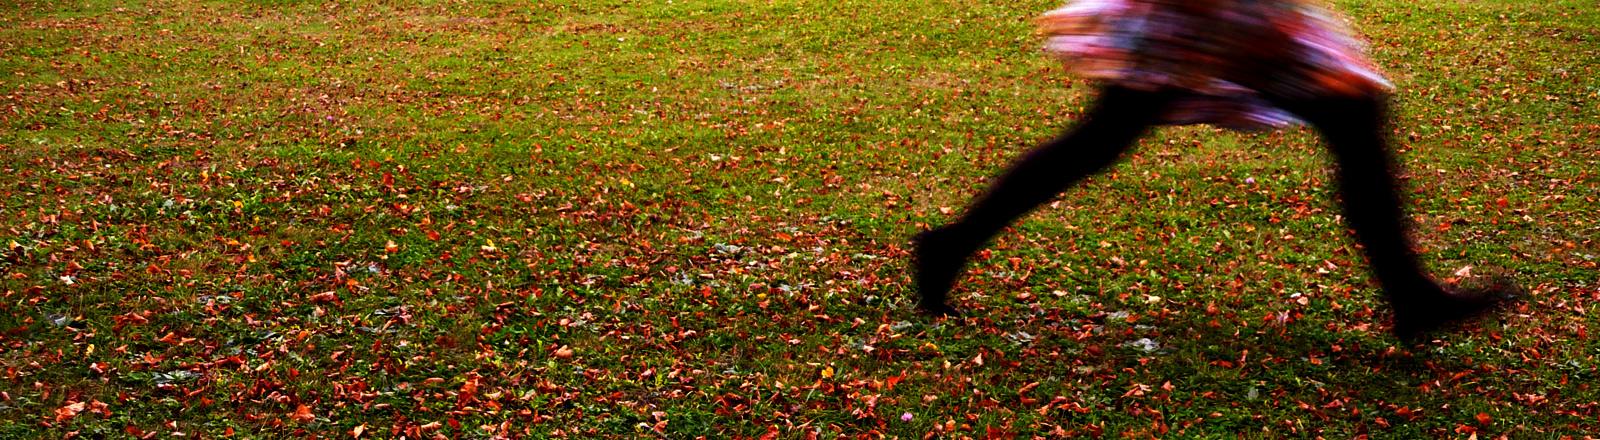 Eine Frau läuft in einer Herbstlandschaft davon